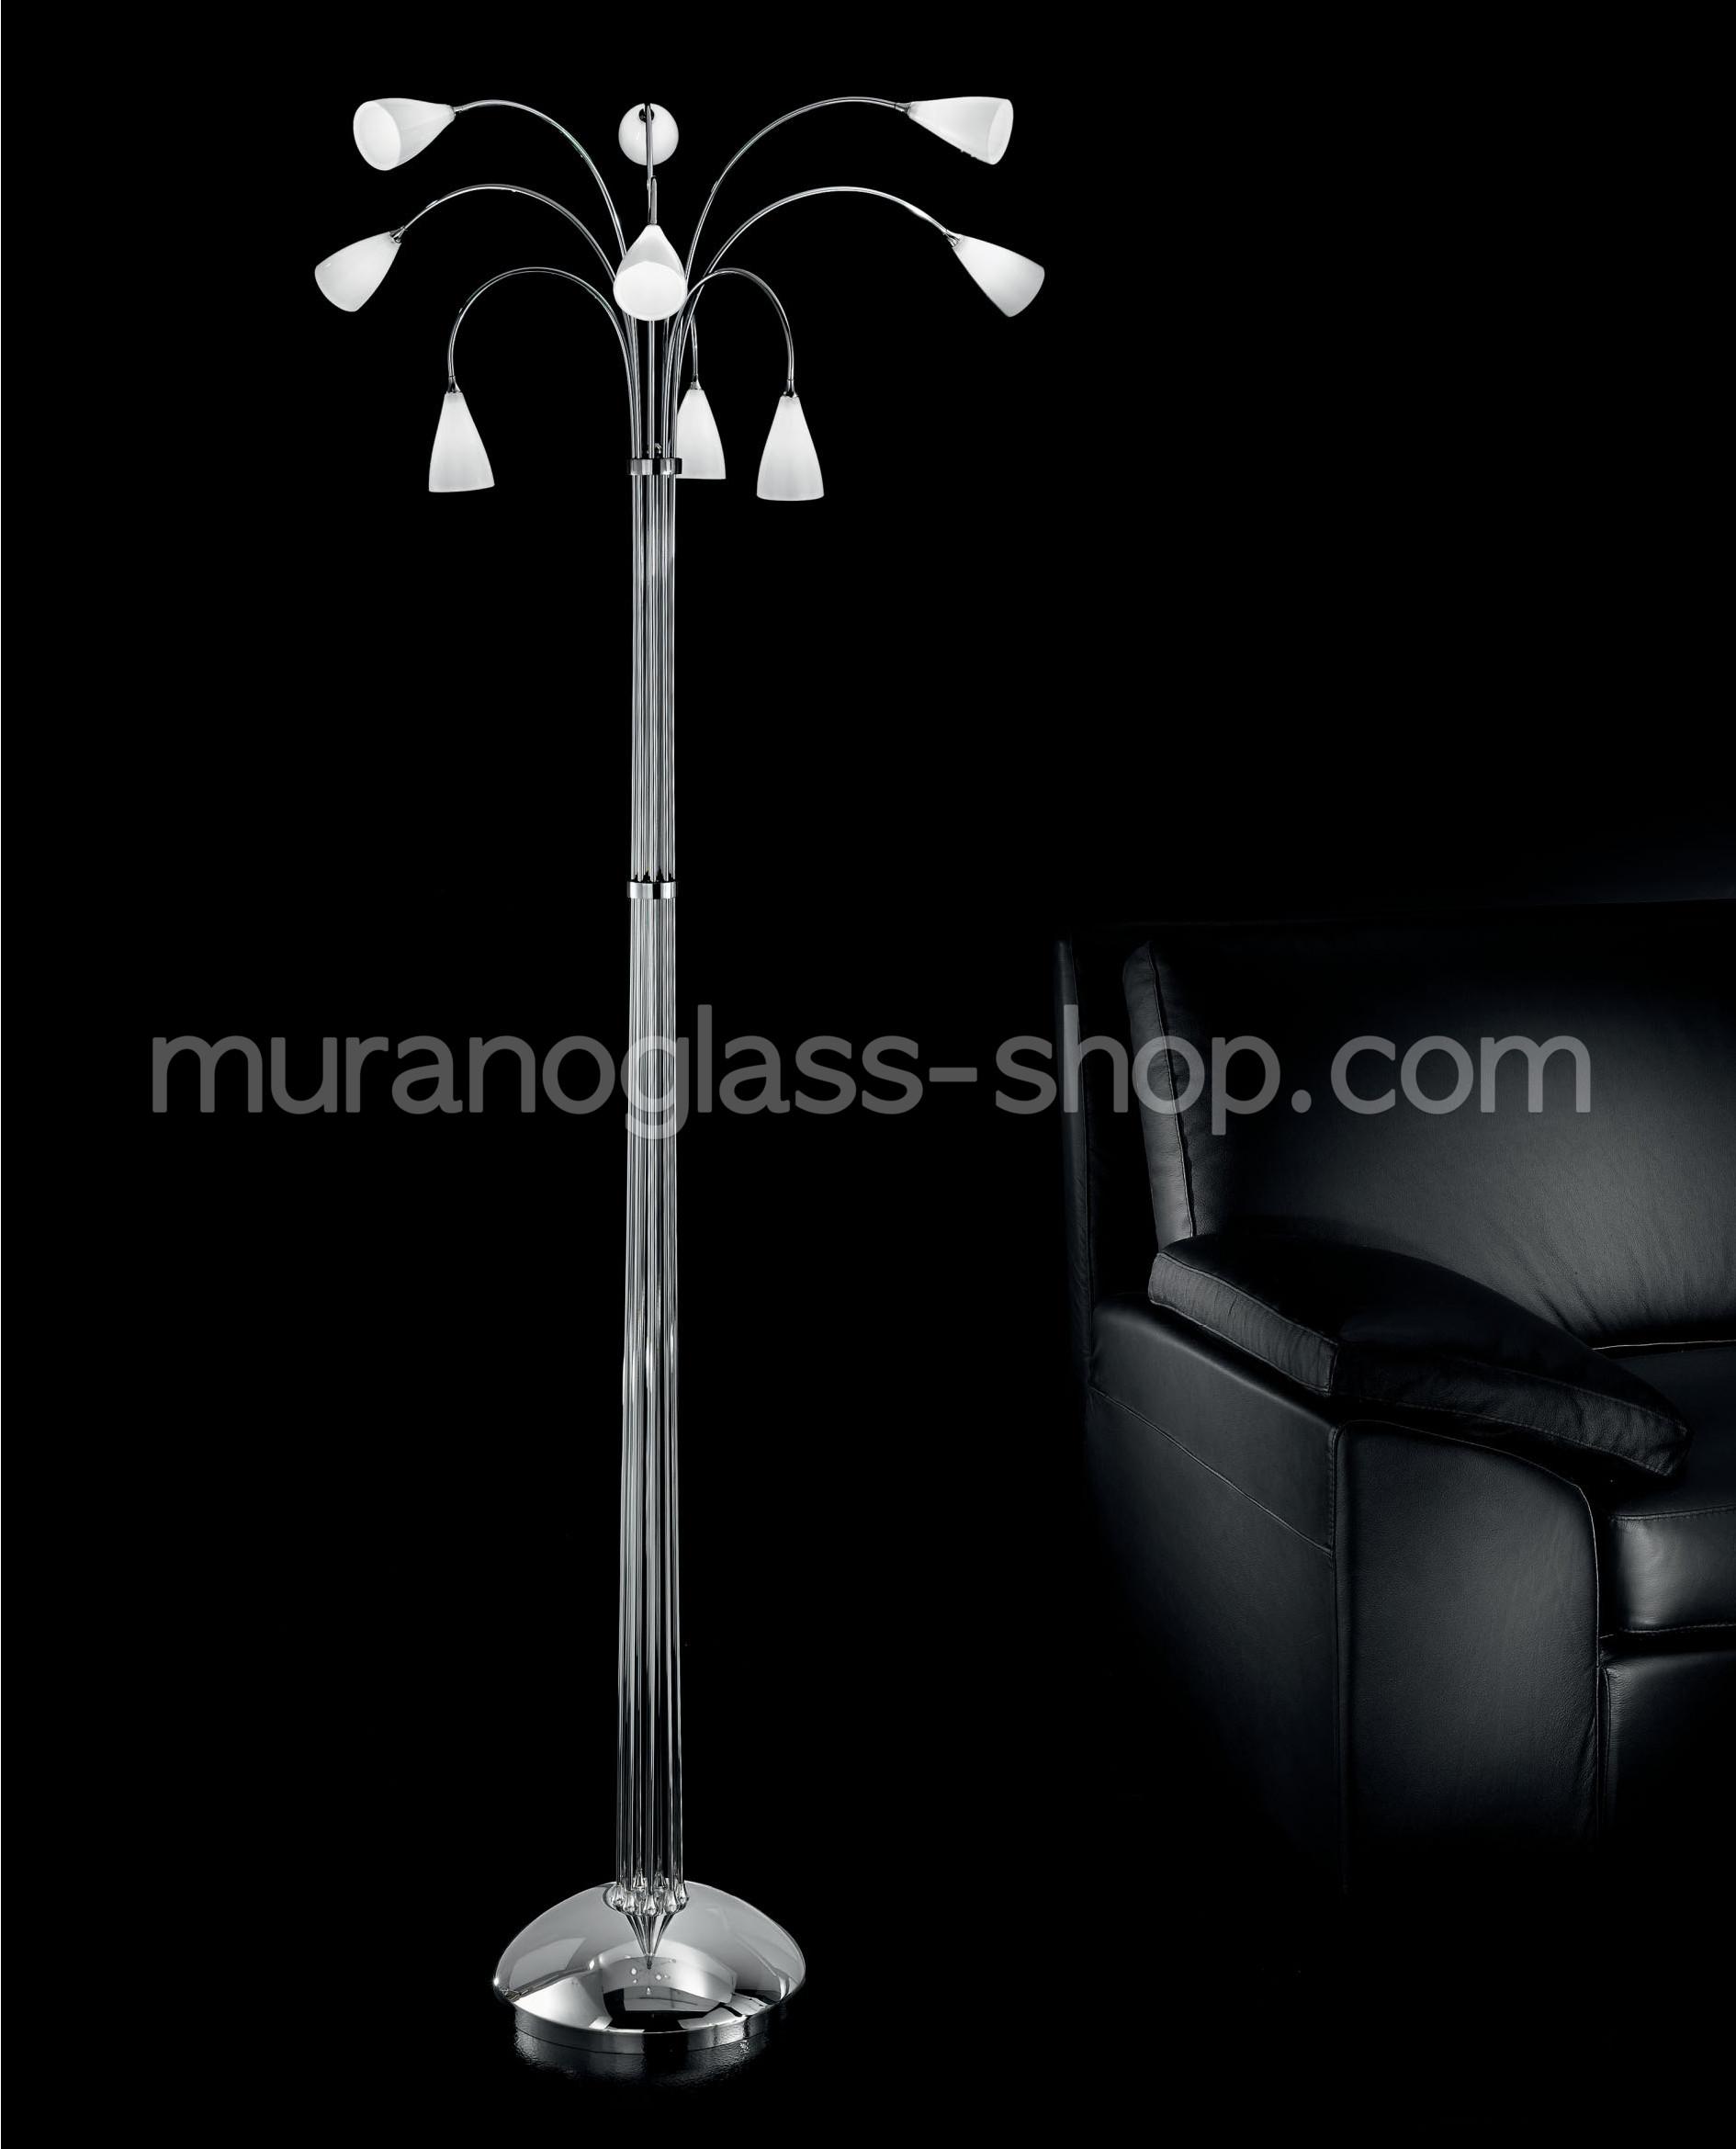 113 Floor Standing Lights Murano Glass Shop